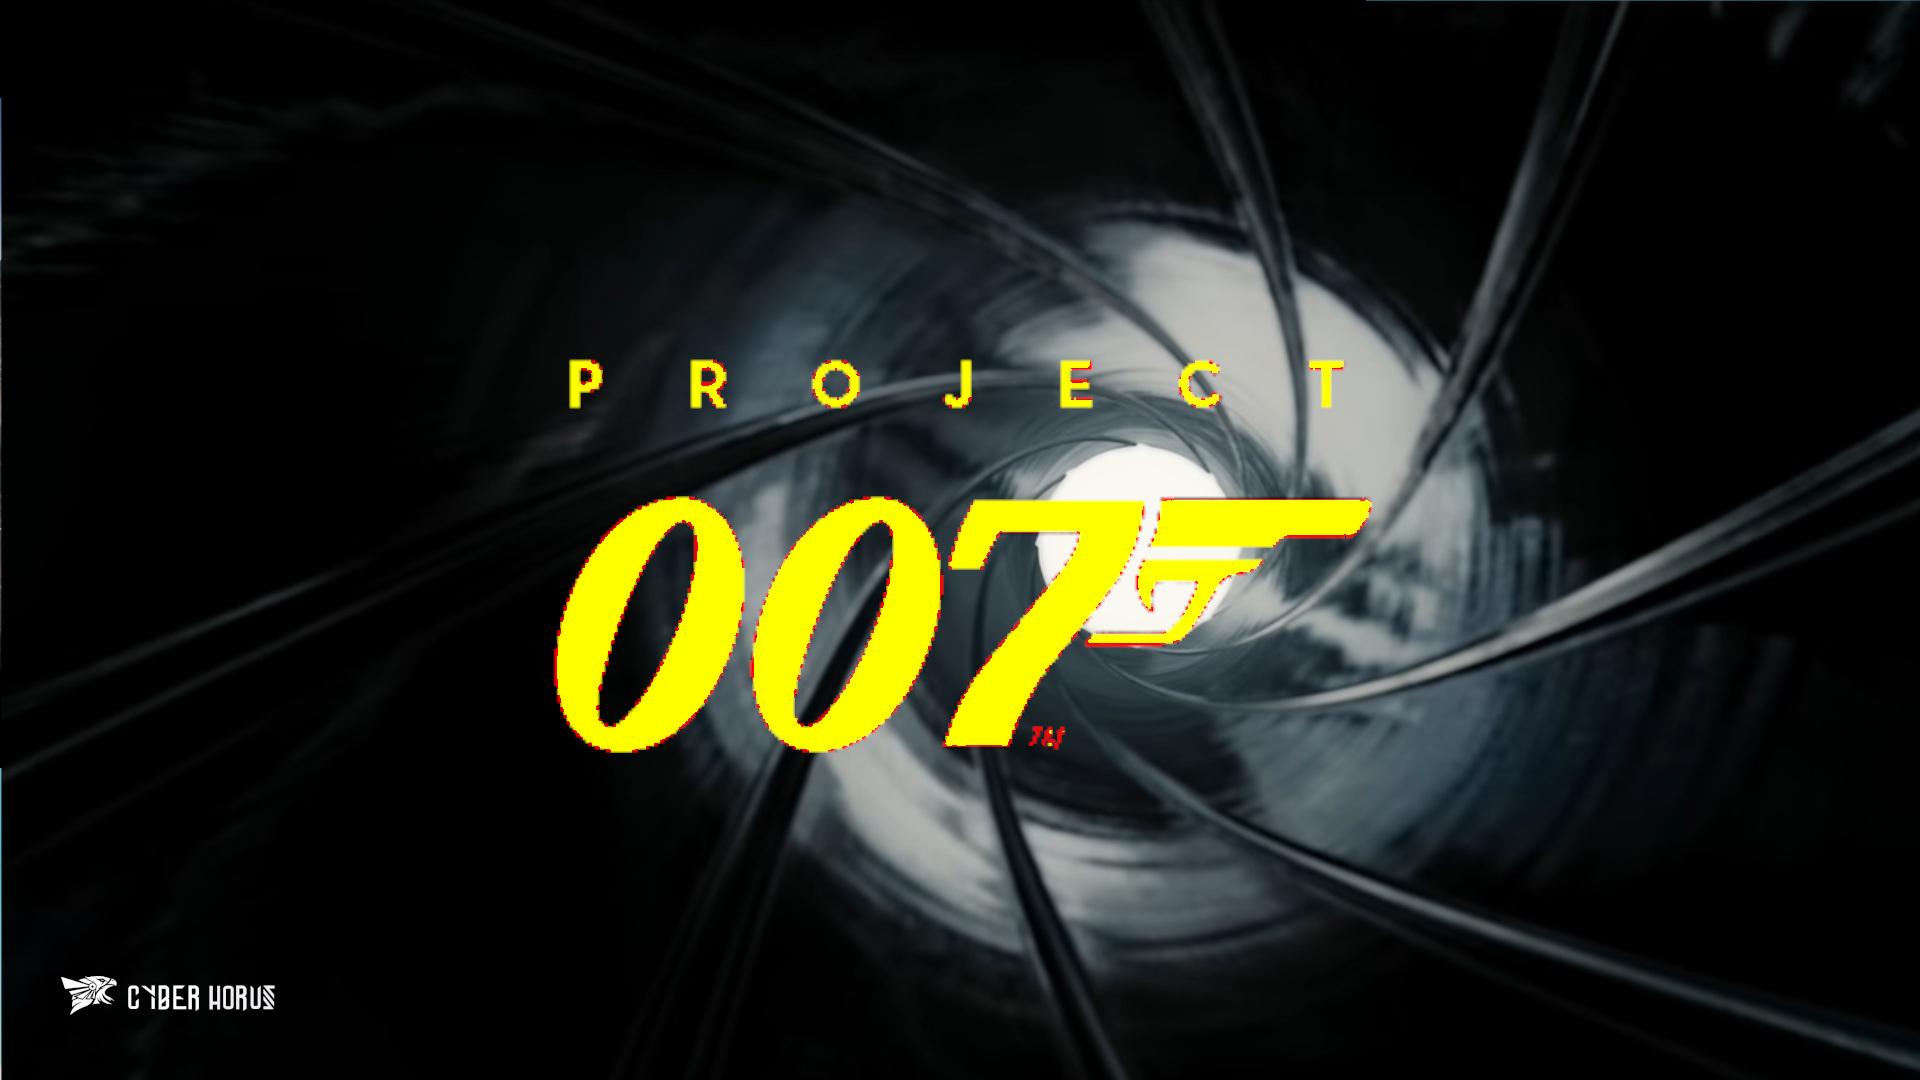 Uma lista de trabalhos da IO Interactive sugere que o novo Project 007, novo game da franquia James Bond será em terceira pessoa, assim como Hitman, também desenvolvido pela empresa.